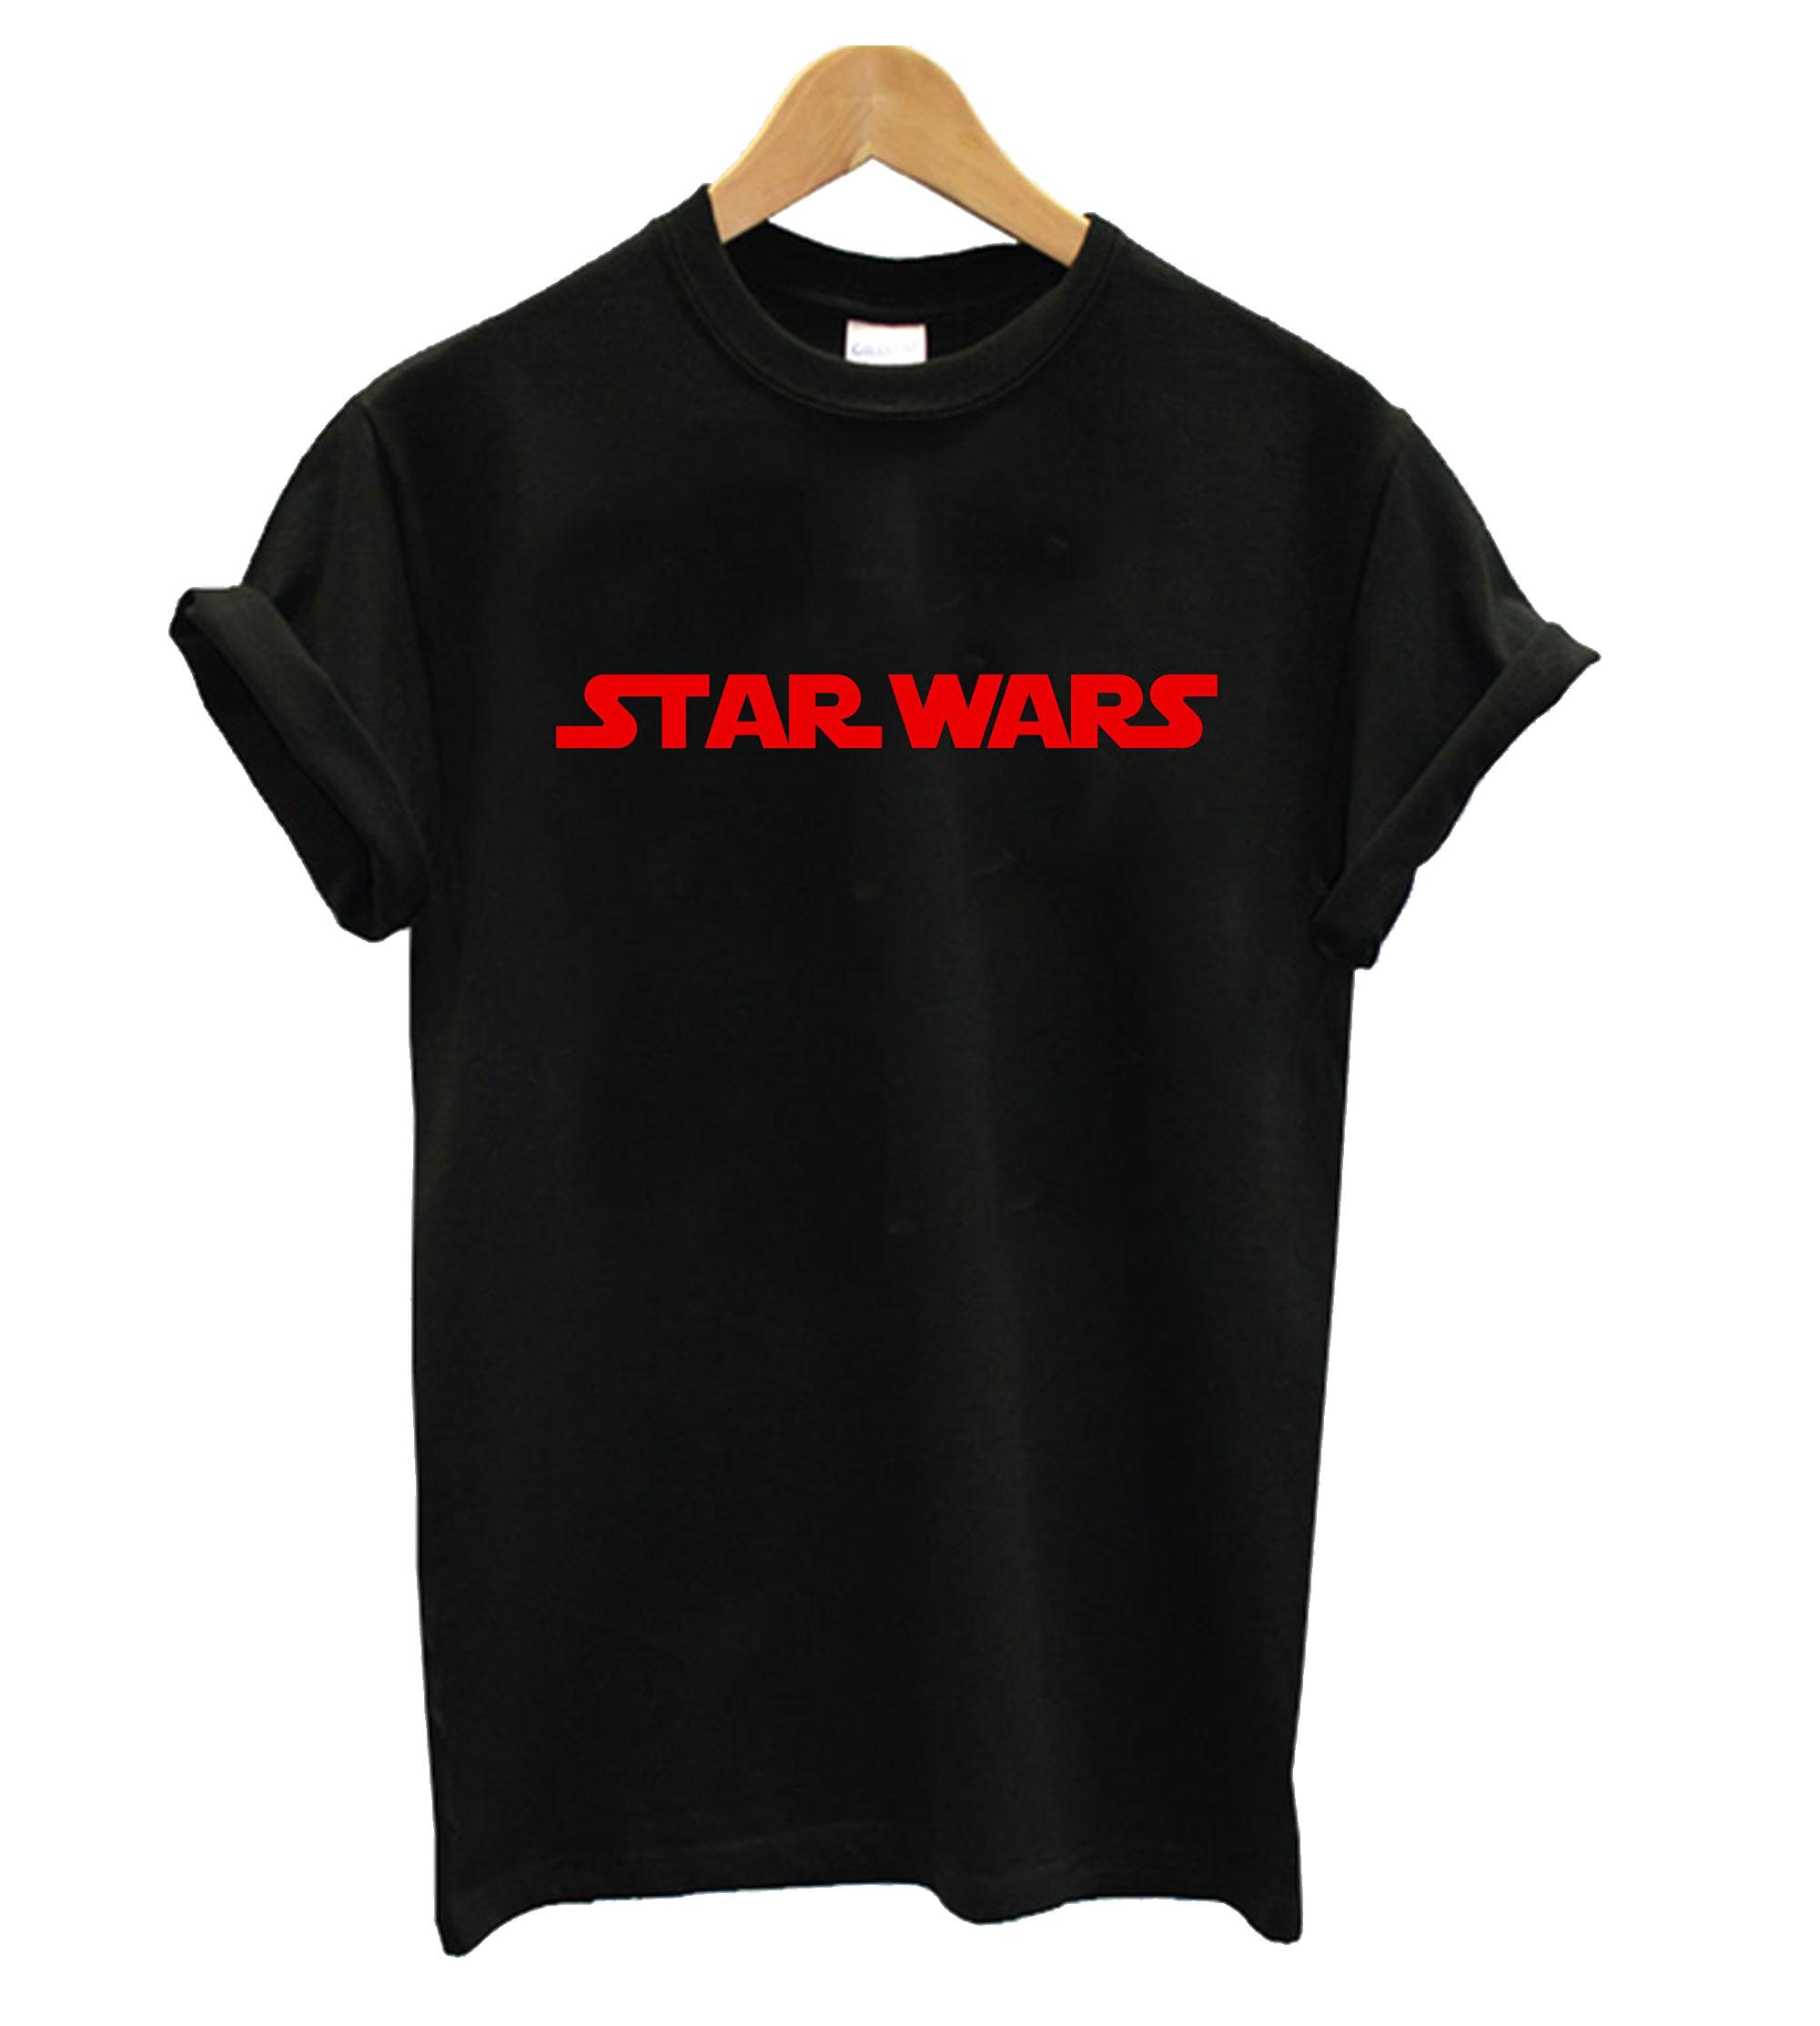 Star Wars Red Logo Tshirt